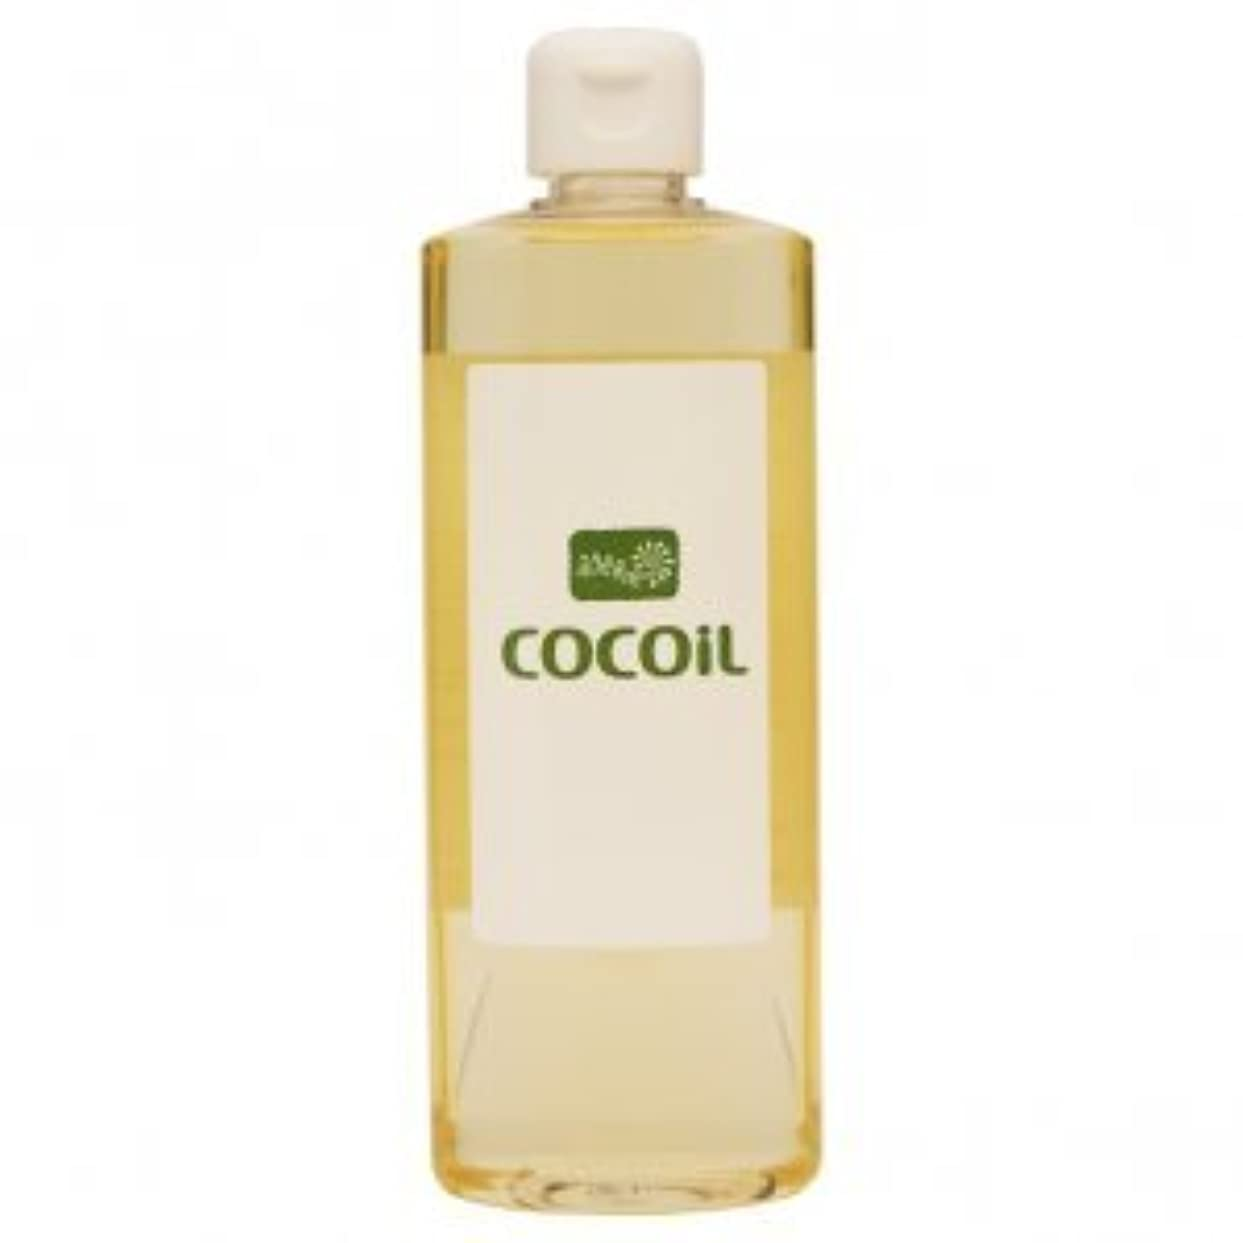 ドル発症スケジュール[cocoil]ココイルシャンプーN 300ml